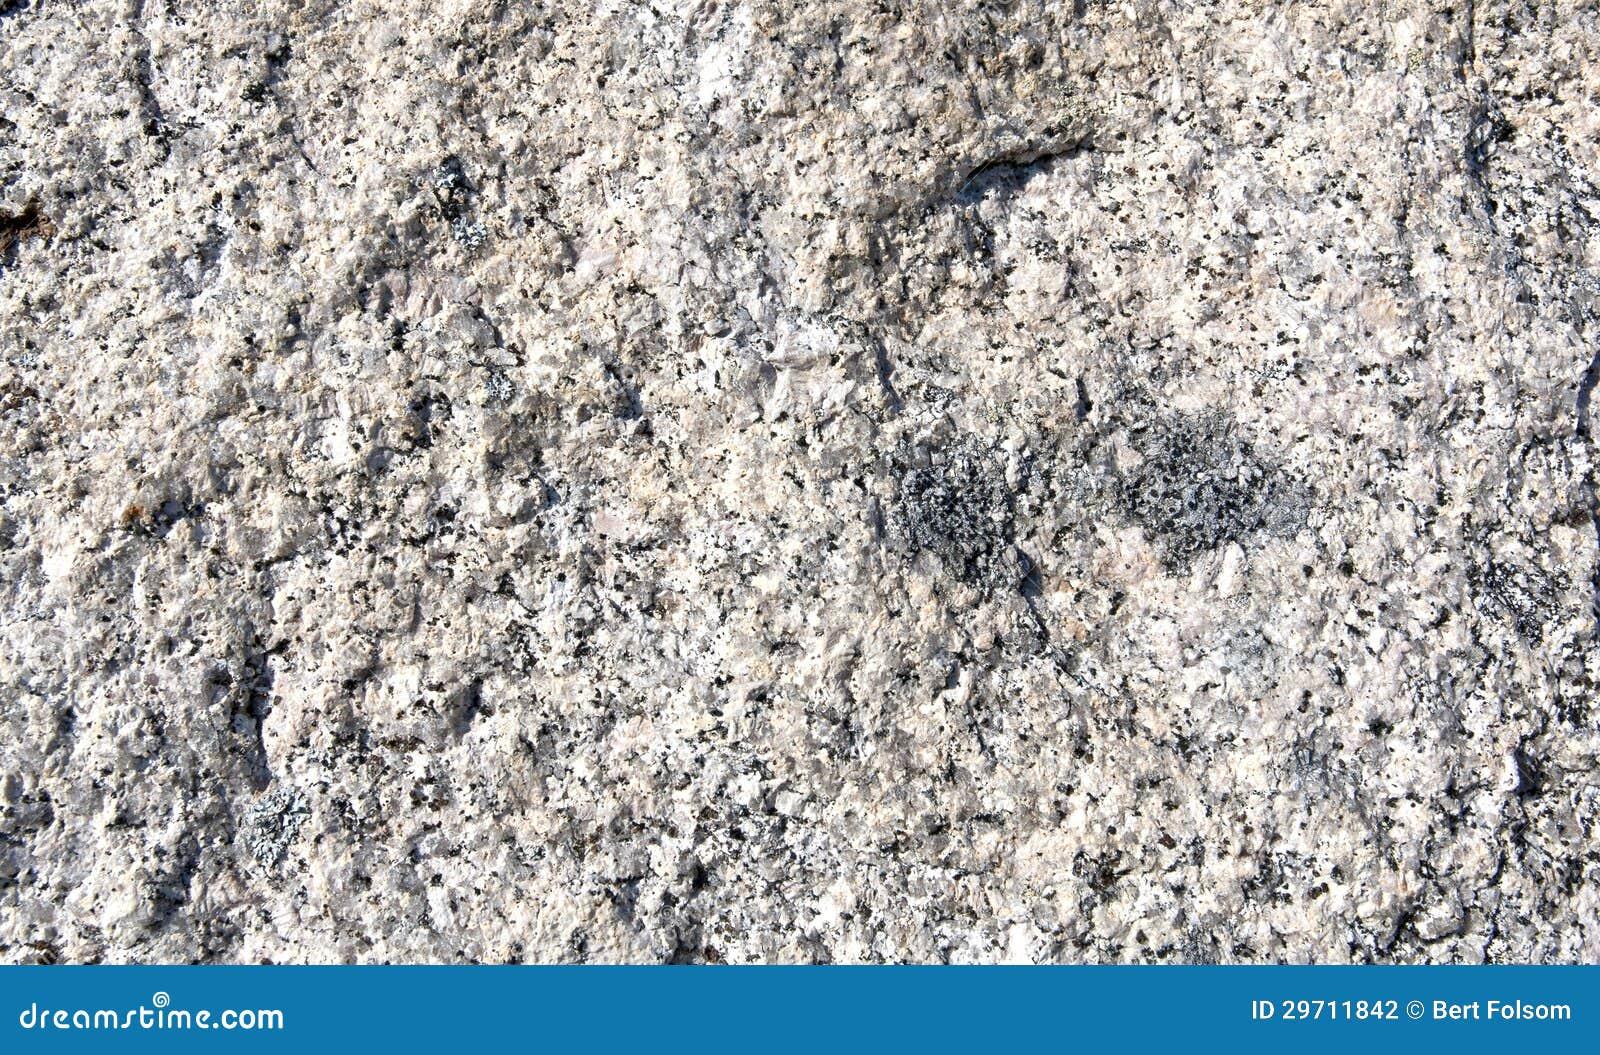 Rough Granite Block : Close view granite stock photography image